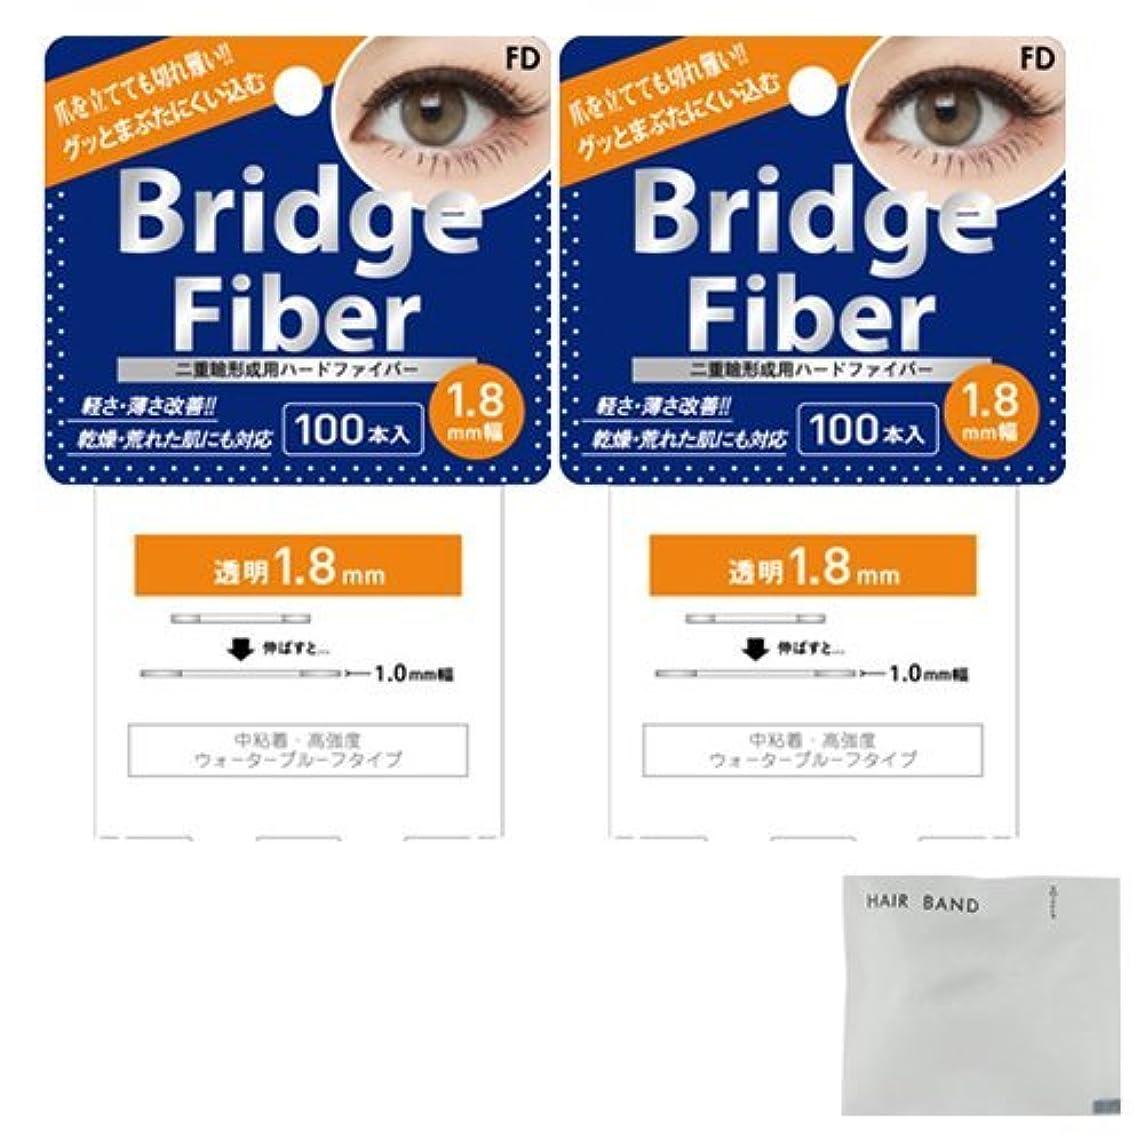 原理排泄物発表するFD ブリッジファイバーⅡ (Bridge Fiber) クリア1.8mm×2個 + ヘアゴム(カラーはおまかせ)セット